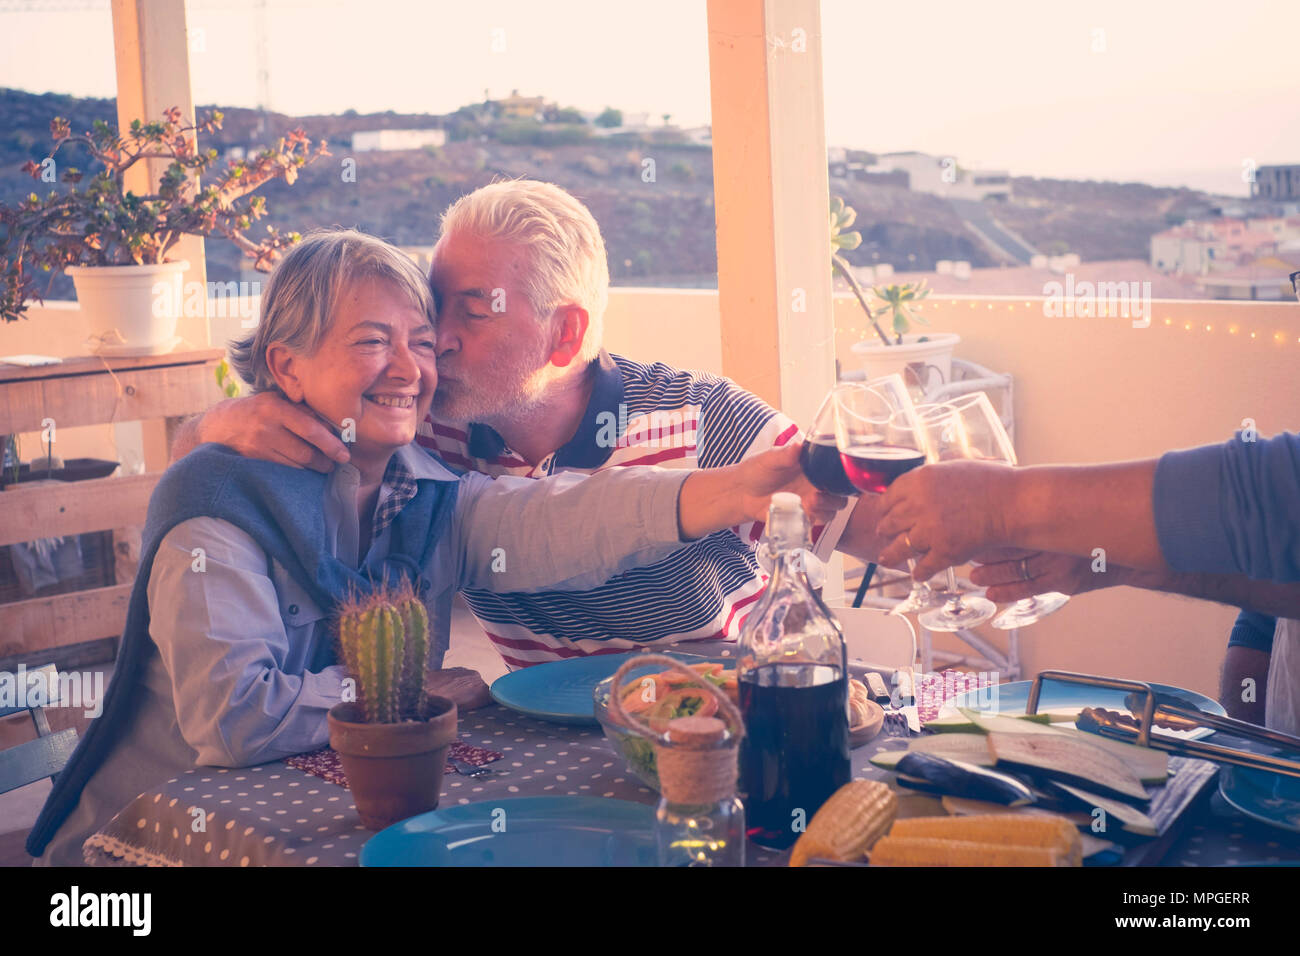 Grupo de edades superiores de amigos adultos cenando y haciendo parte tiempo agradable en la terraza exterior con vino y comida. divertirse y kiss du Imagen De Stock